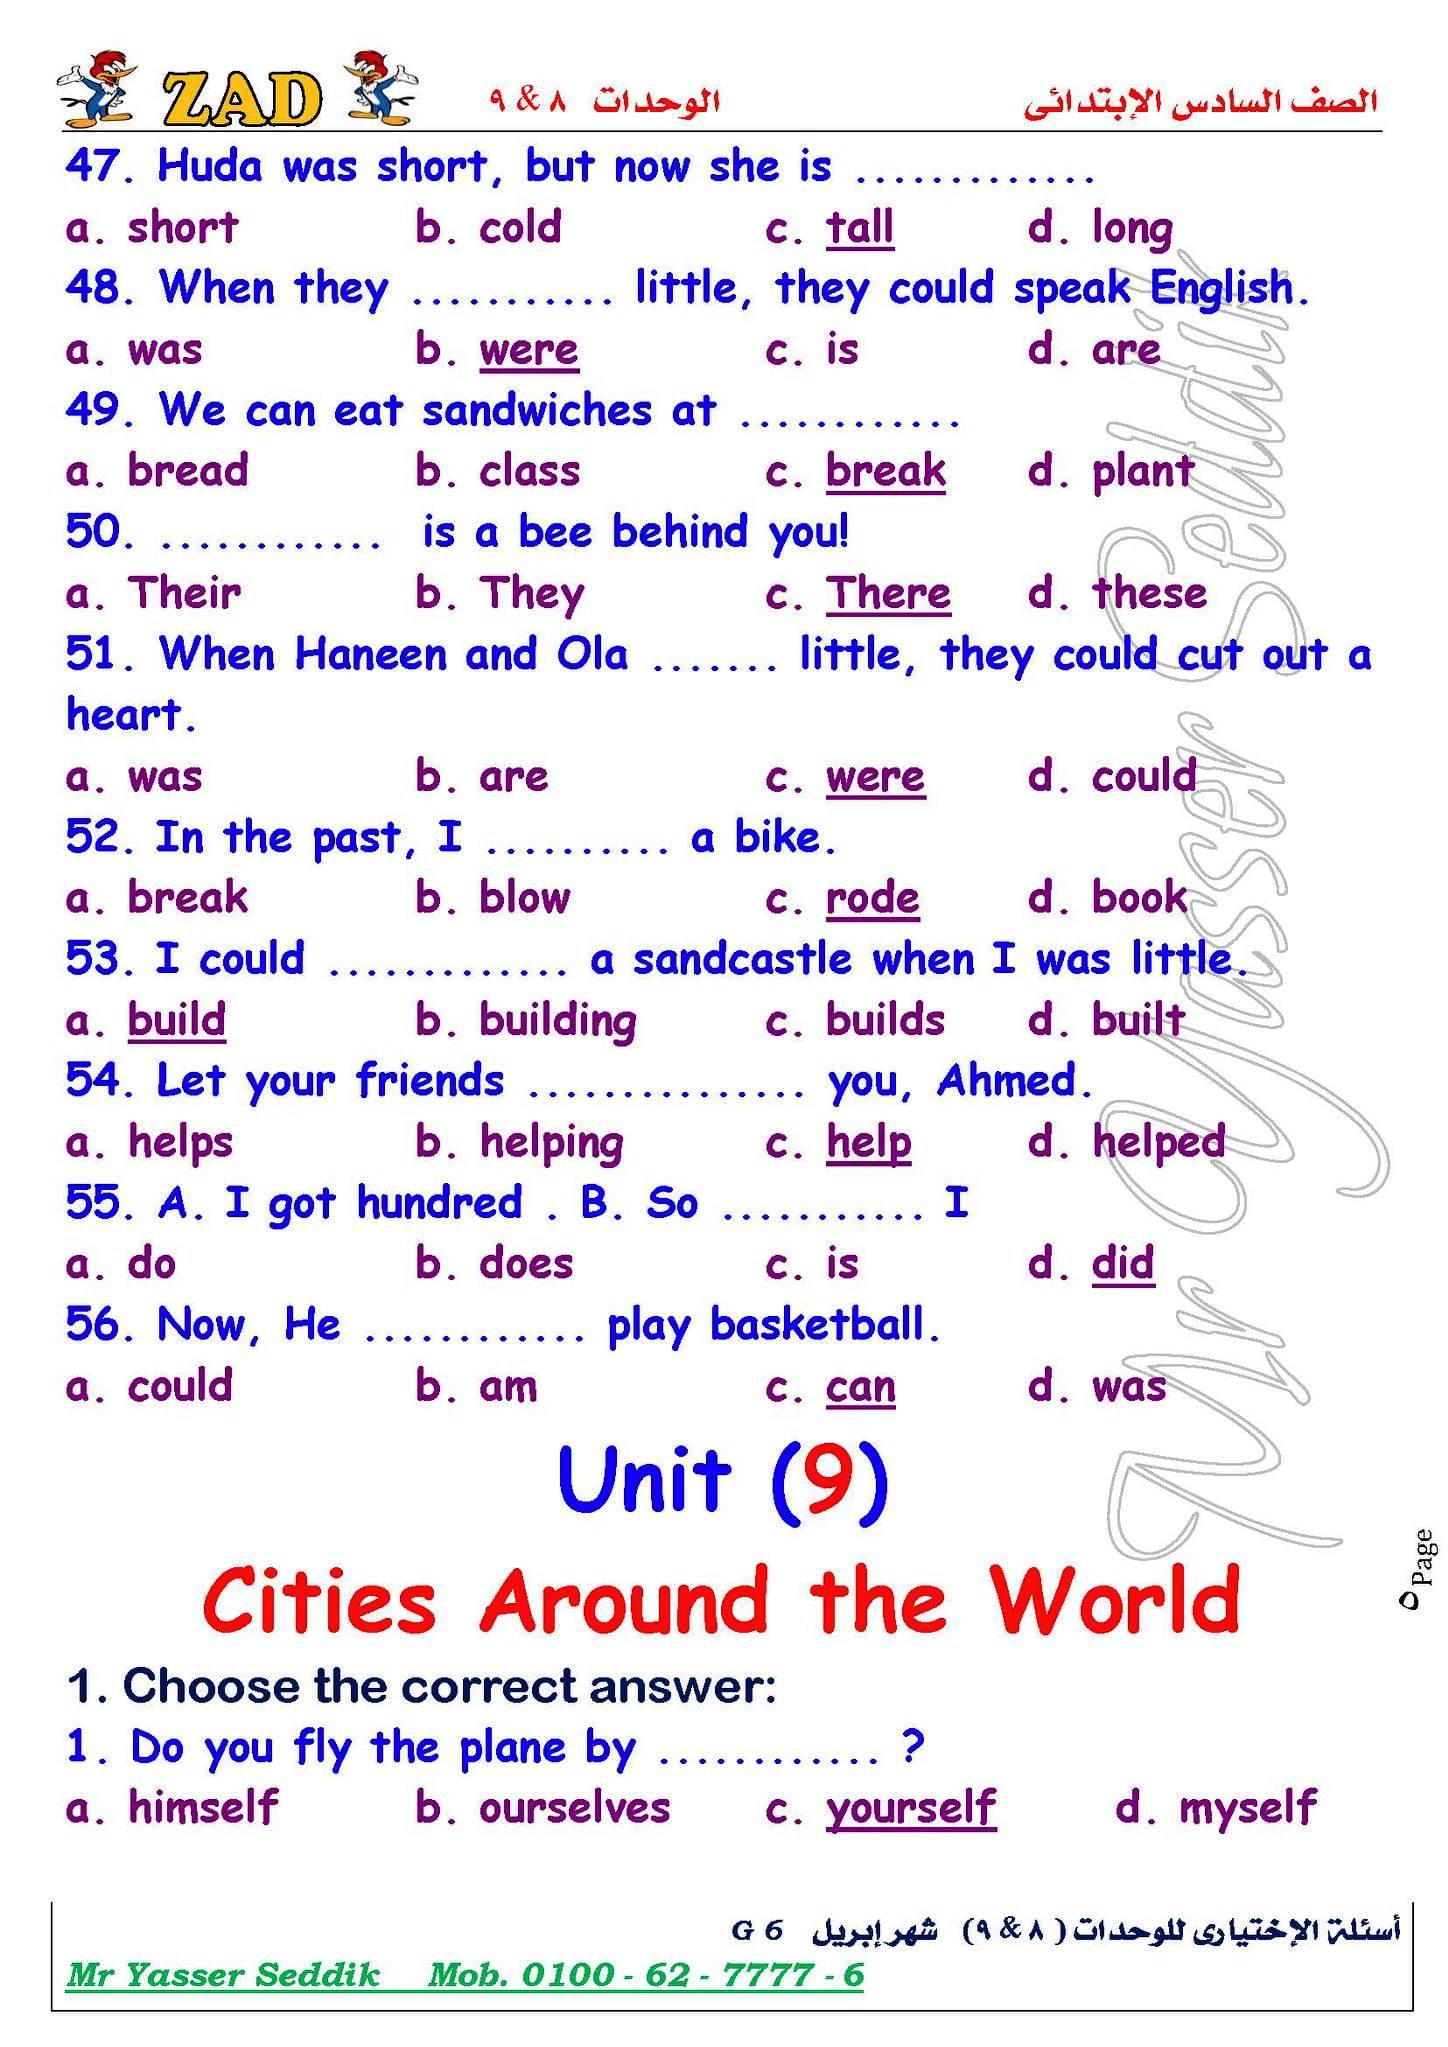 مراجعة لغة انجليزية للصف السادس الإبتدائى ترم ثاني شهر إبريل بالإجابات مستر ياسر صادق 47